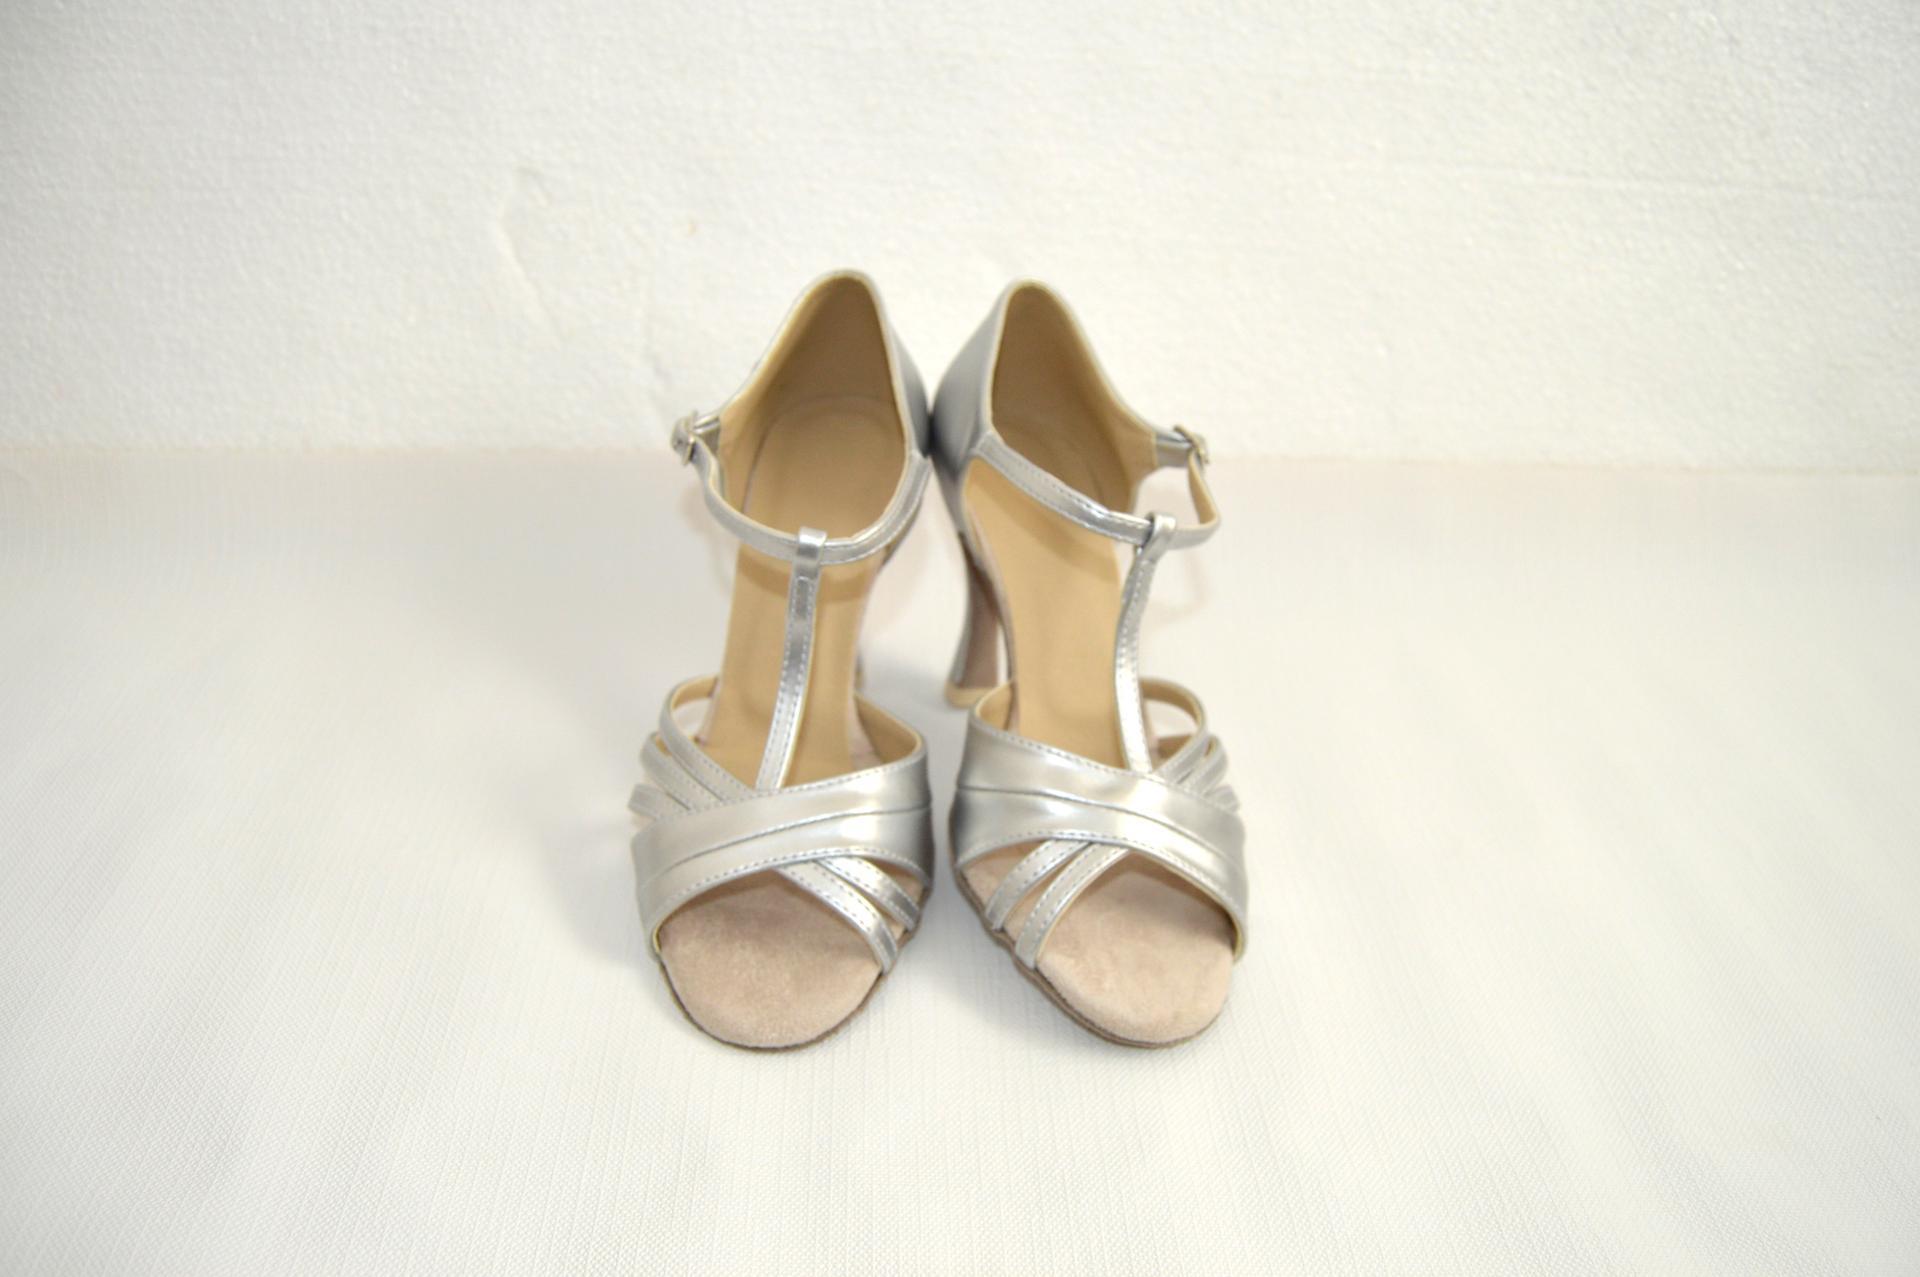 Svadobné topánky navrhni si ich - inšpirácie strieborná - Obrázok č. 74